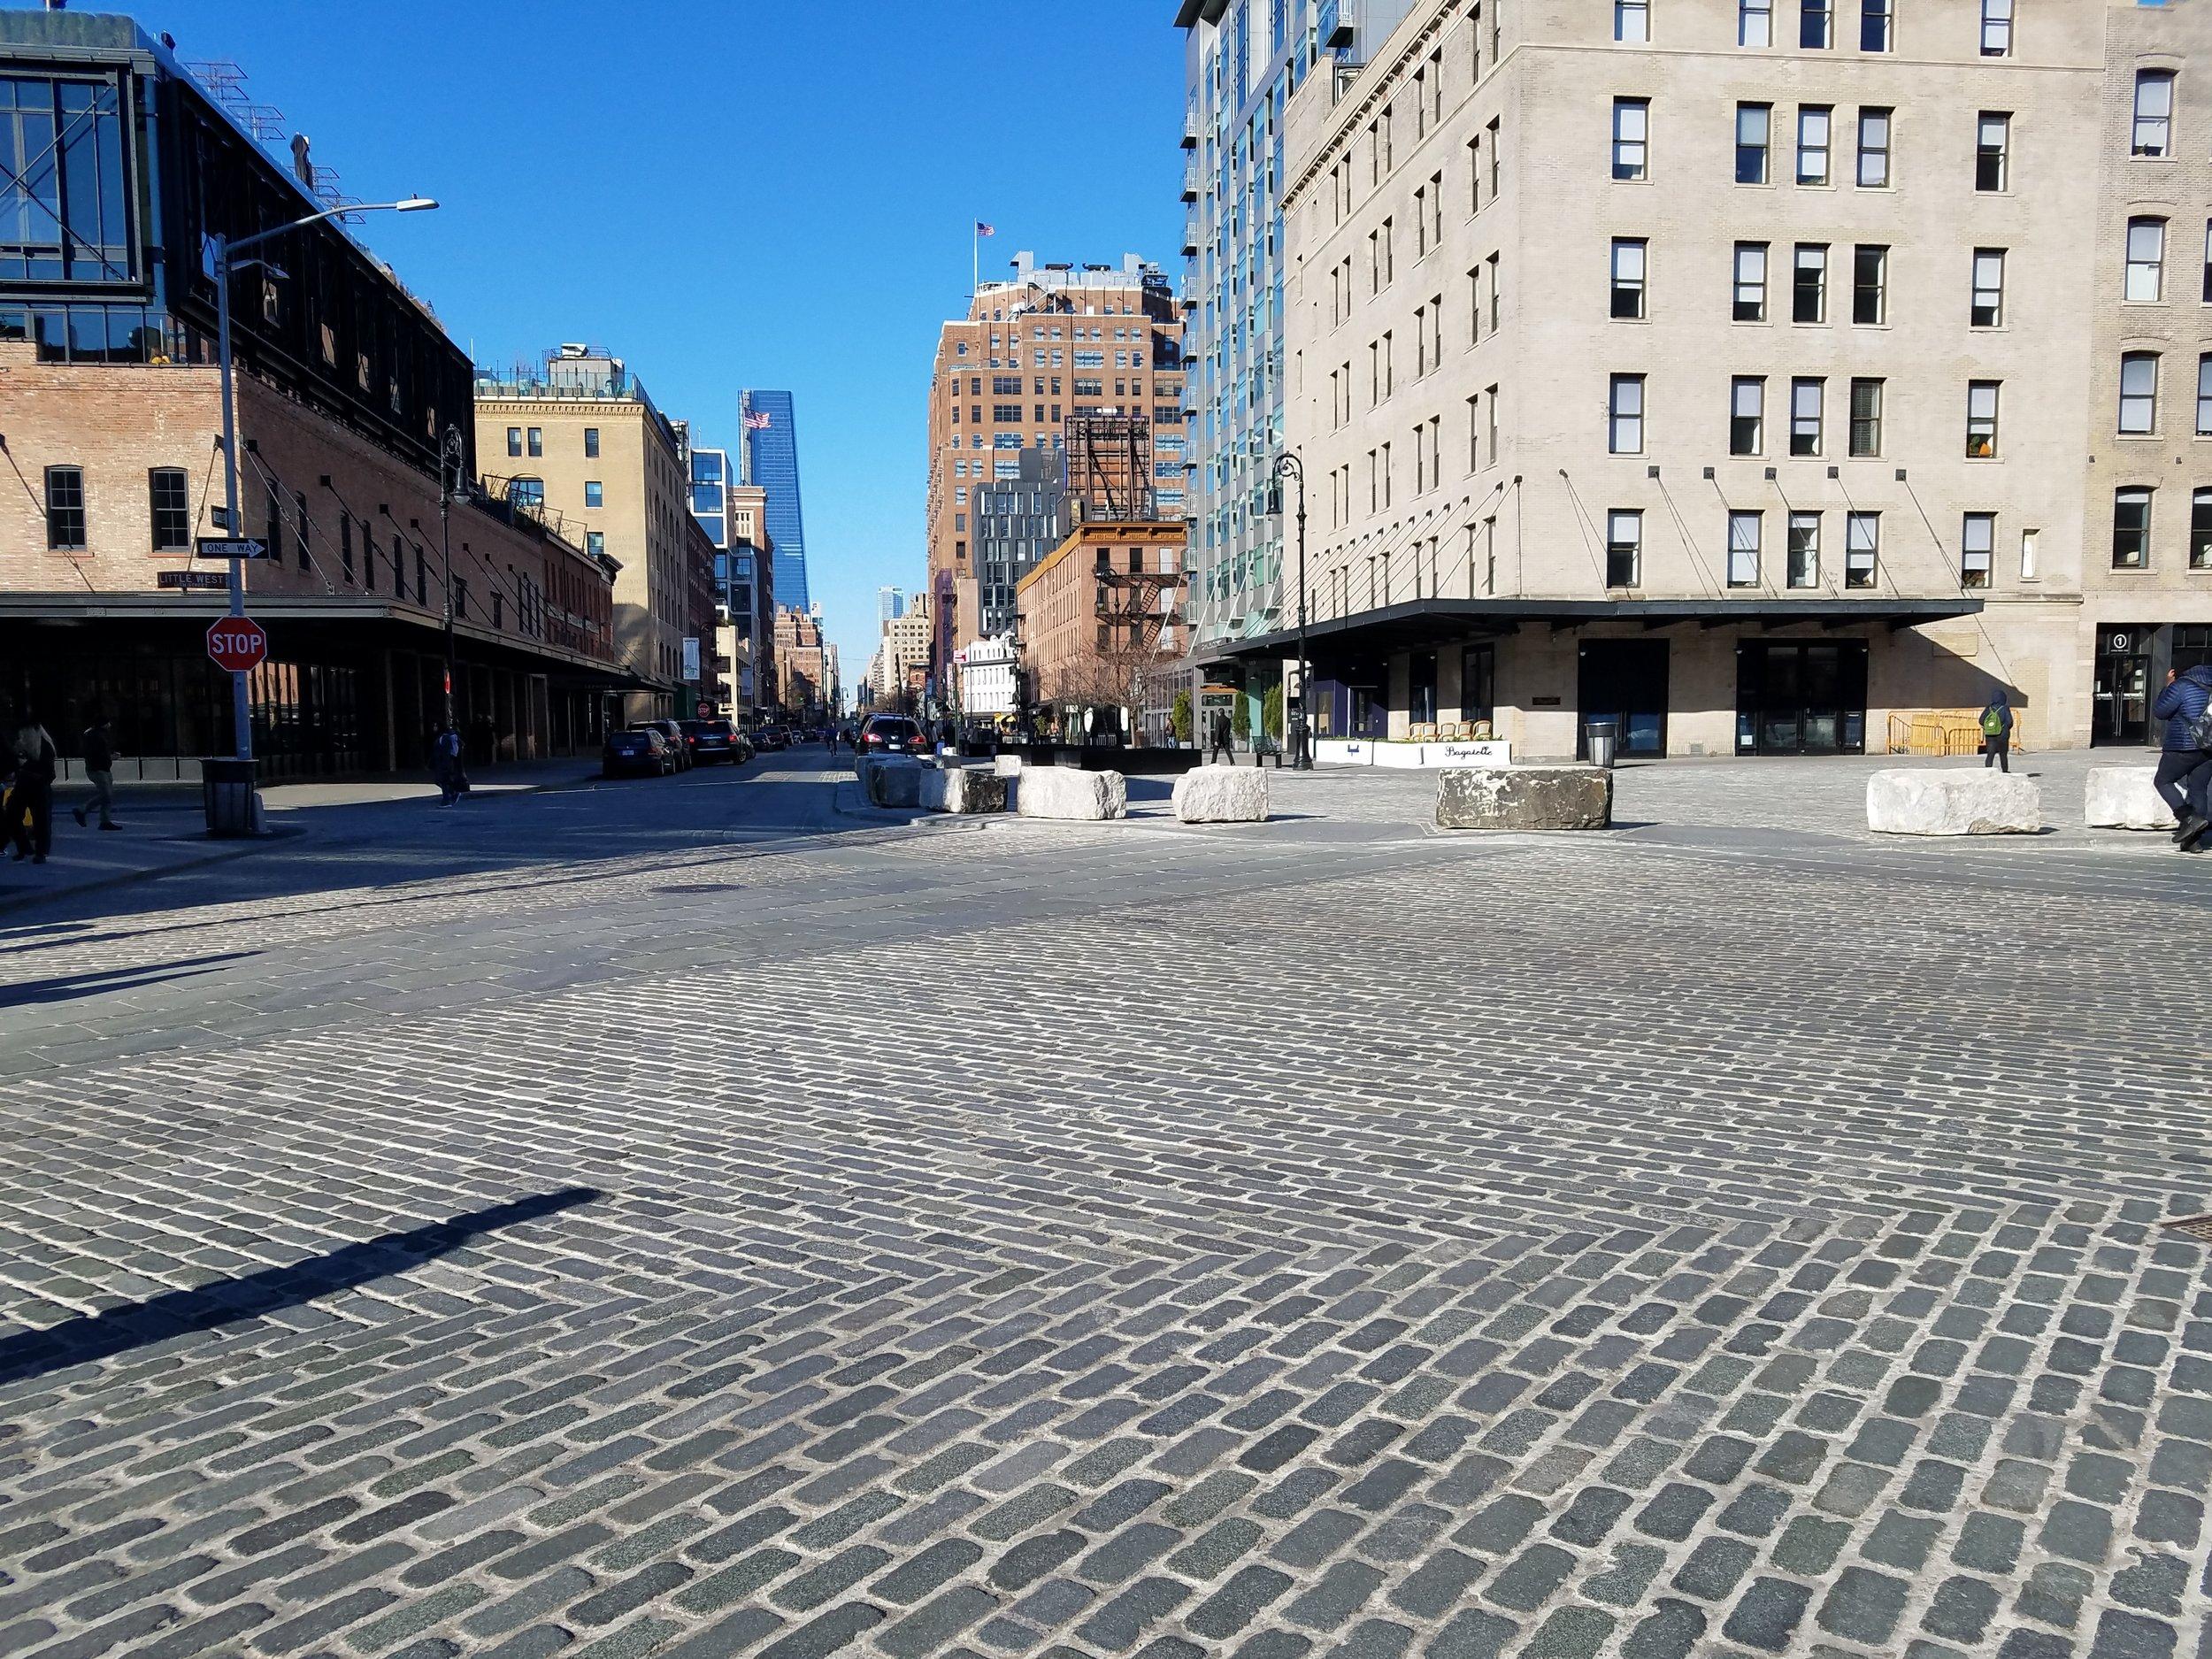 Gansevoort / Meatpacking District, NYC